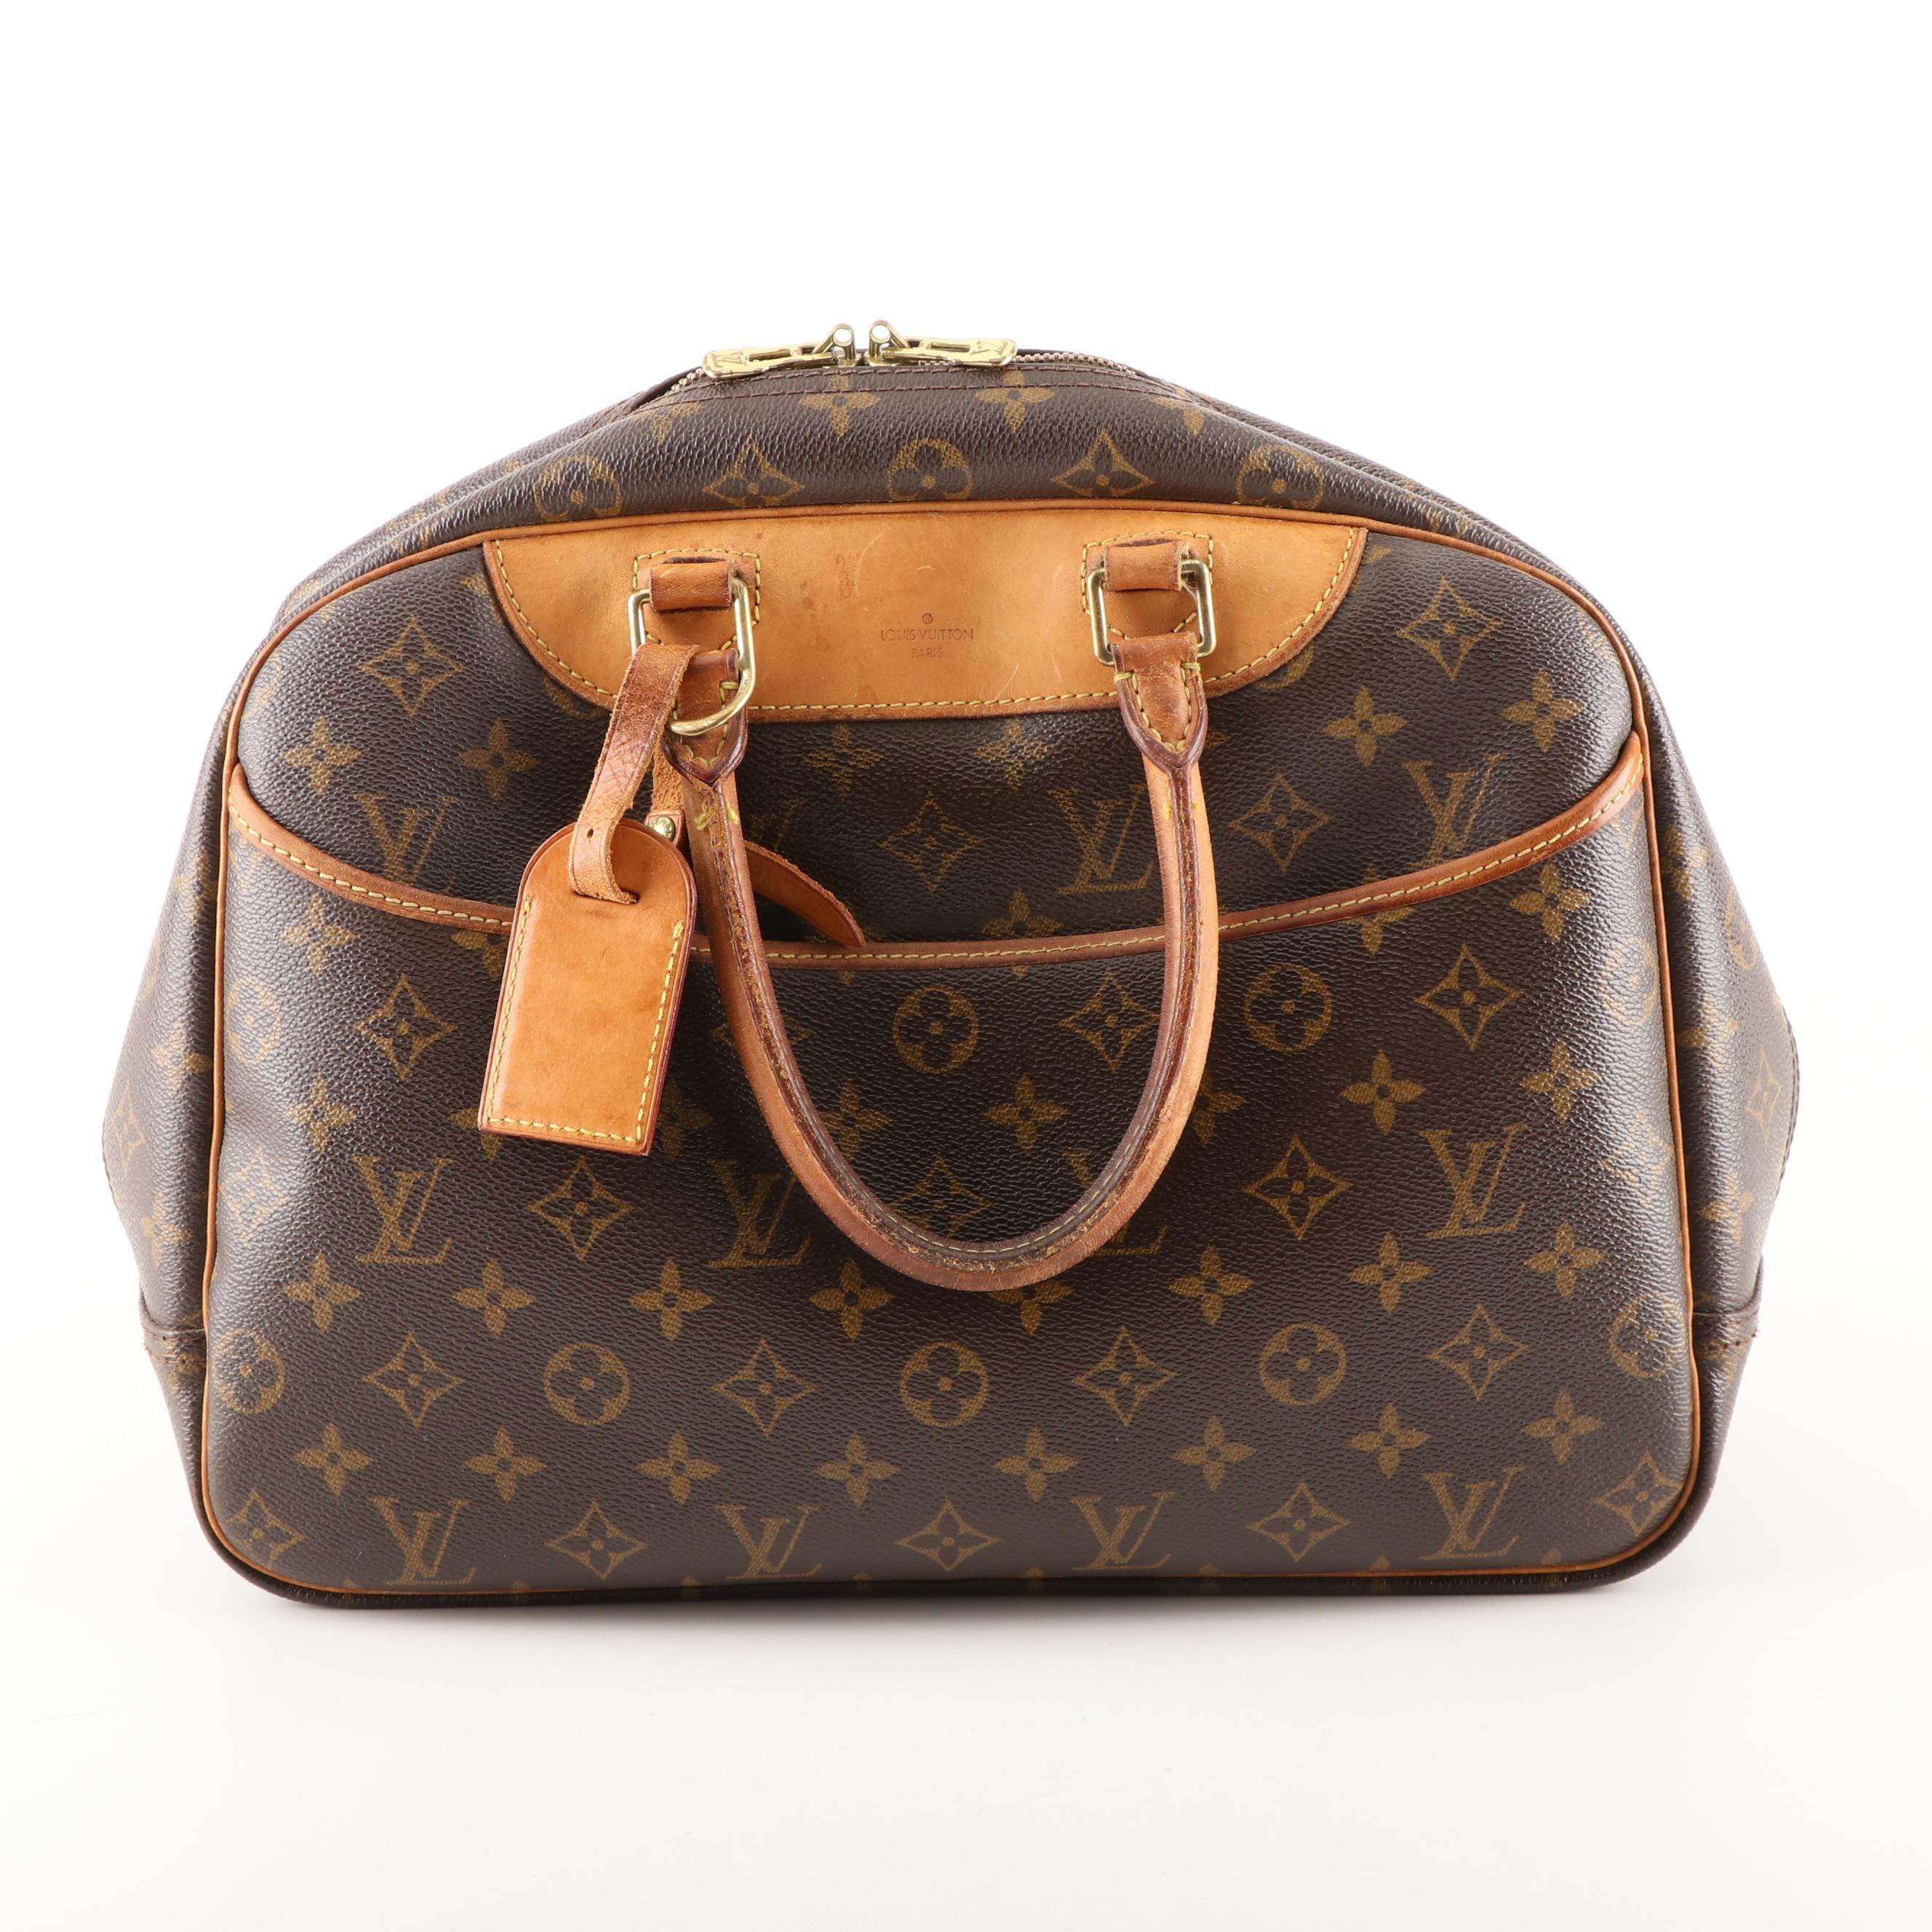 Louis Vuitton Paris Monogram Canvas Deauville Travel Bag